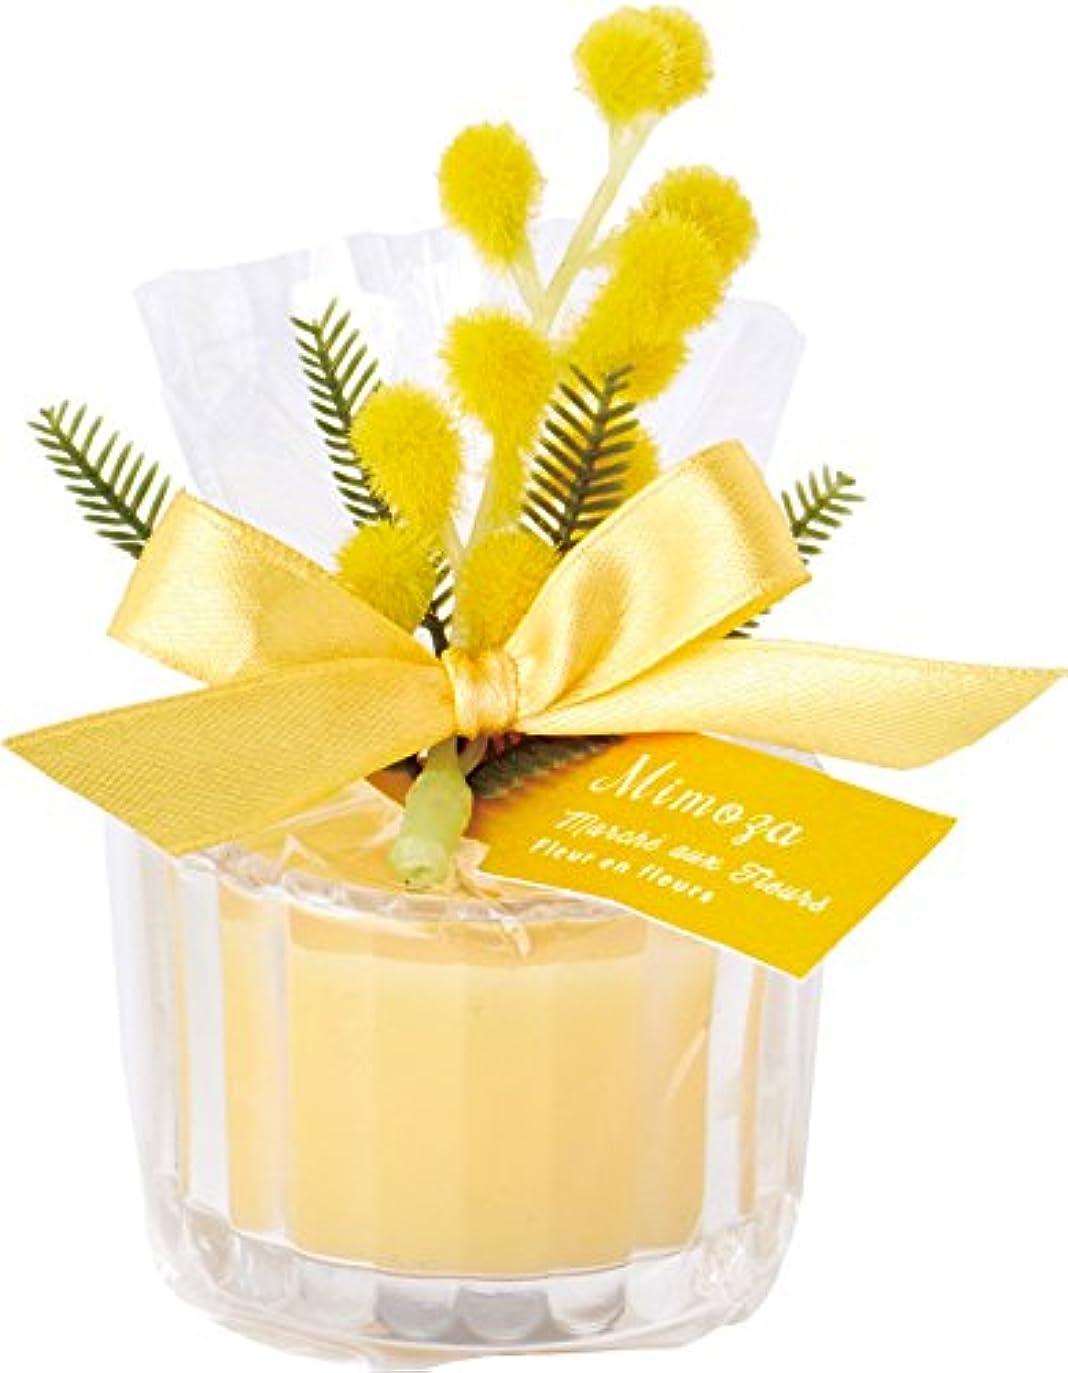 だます願望敵対的カメヤマキャンドルハウス フルールマルシェ ミニグラスキャンドル ミモザ (サンシャインフローラルの香り)